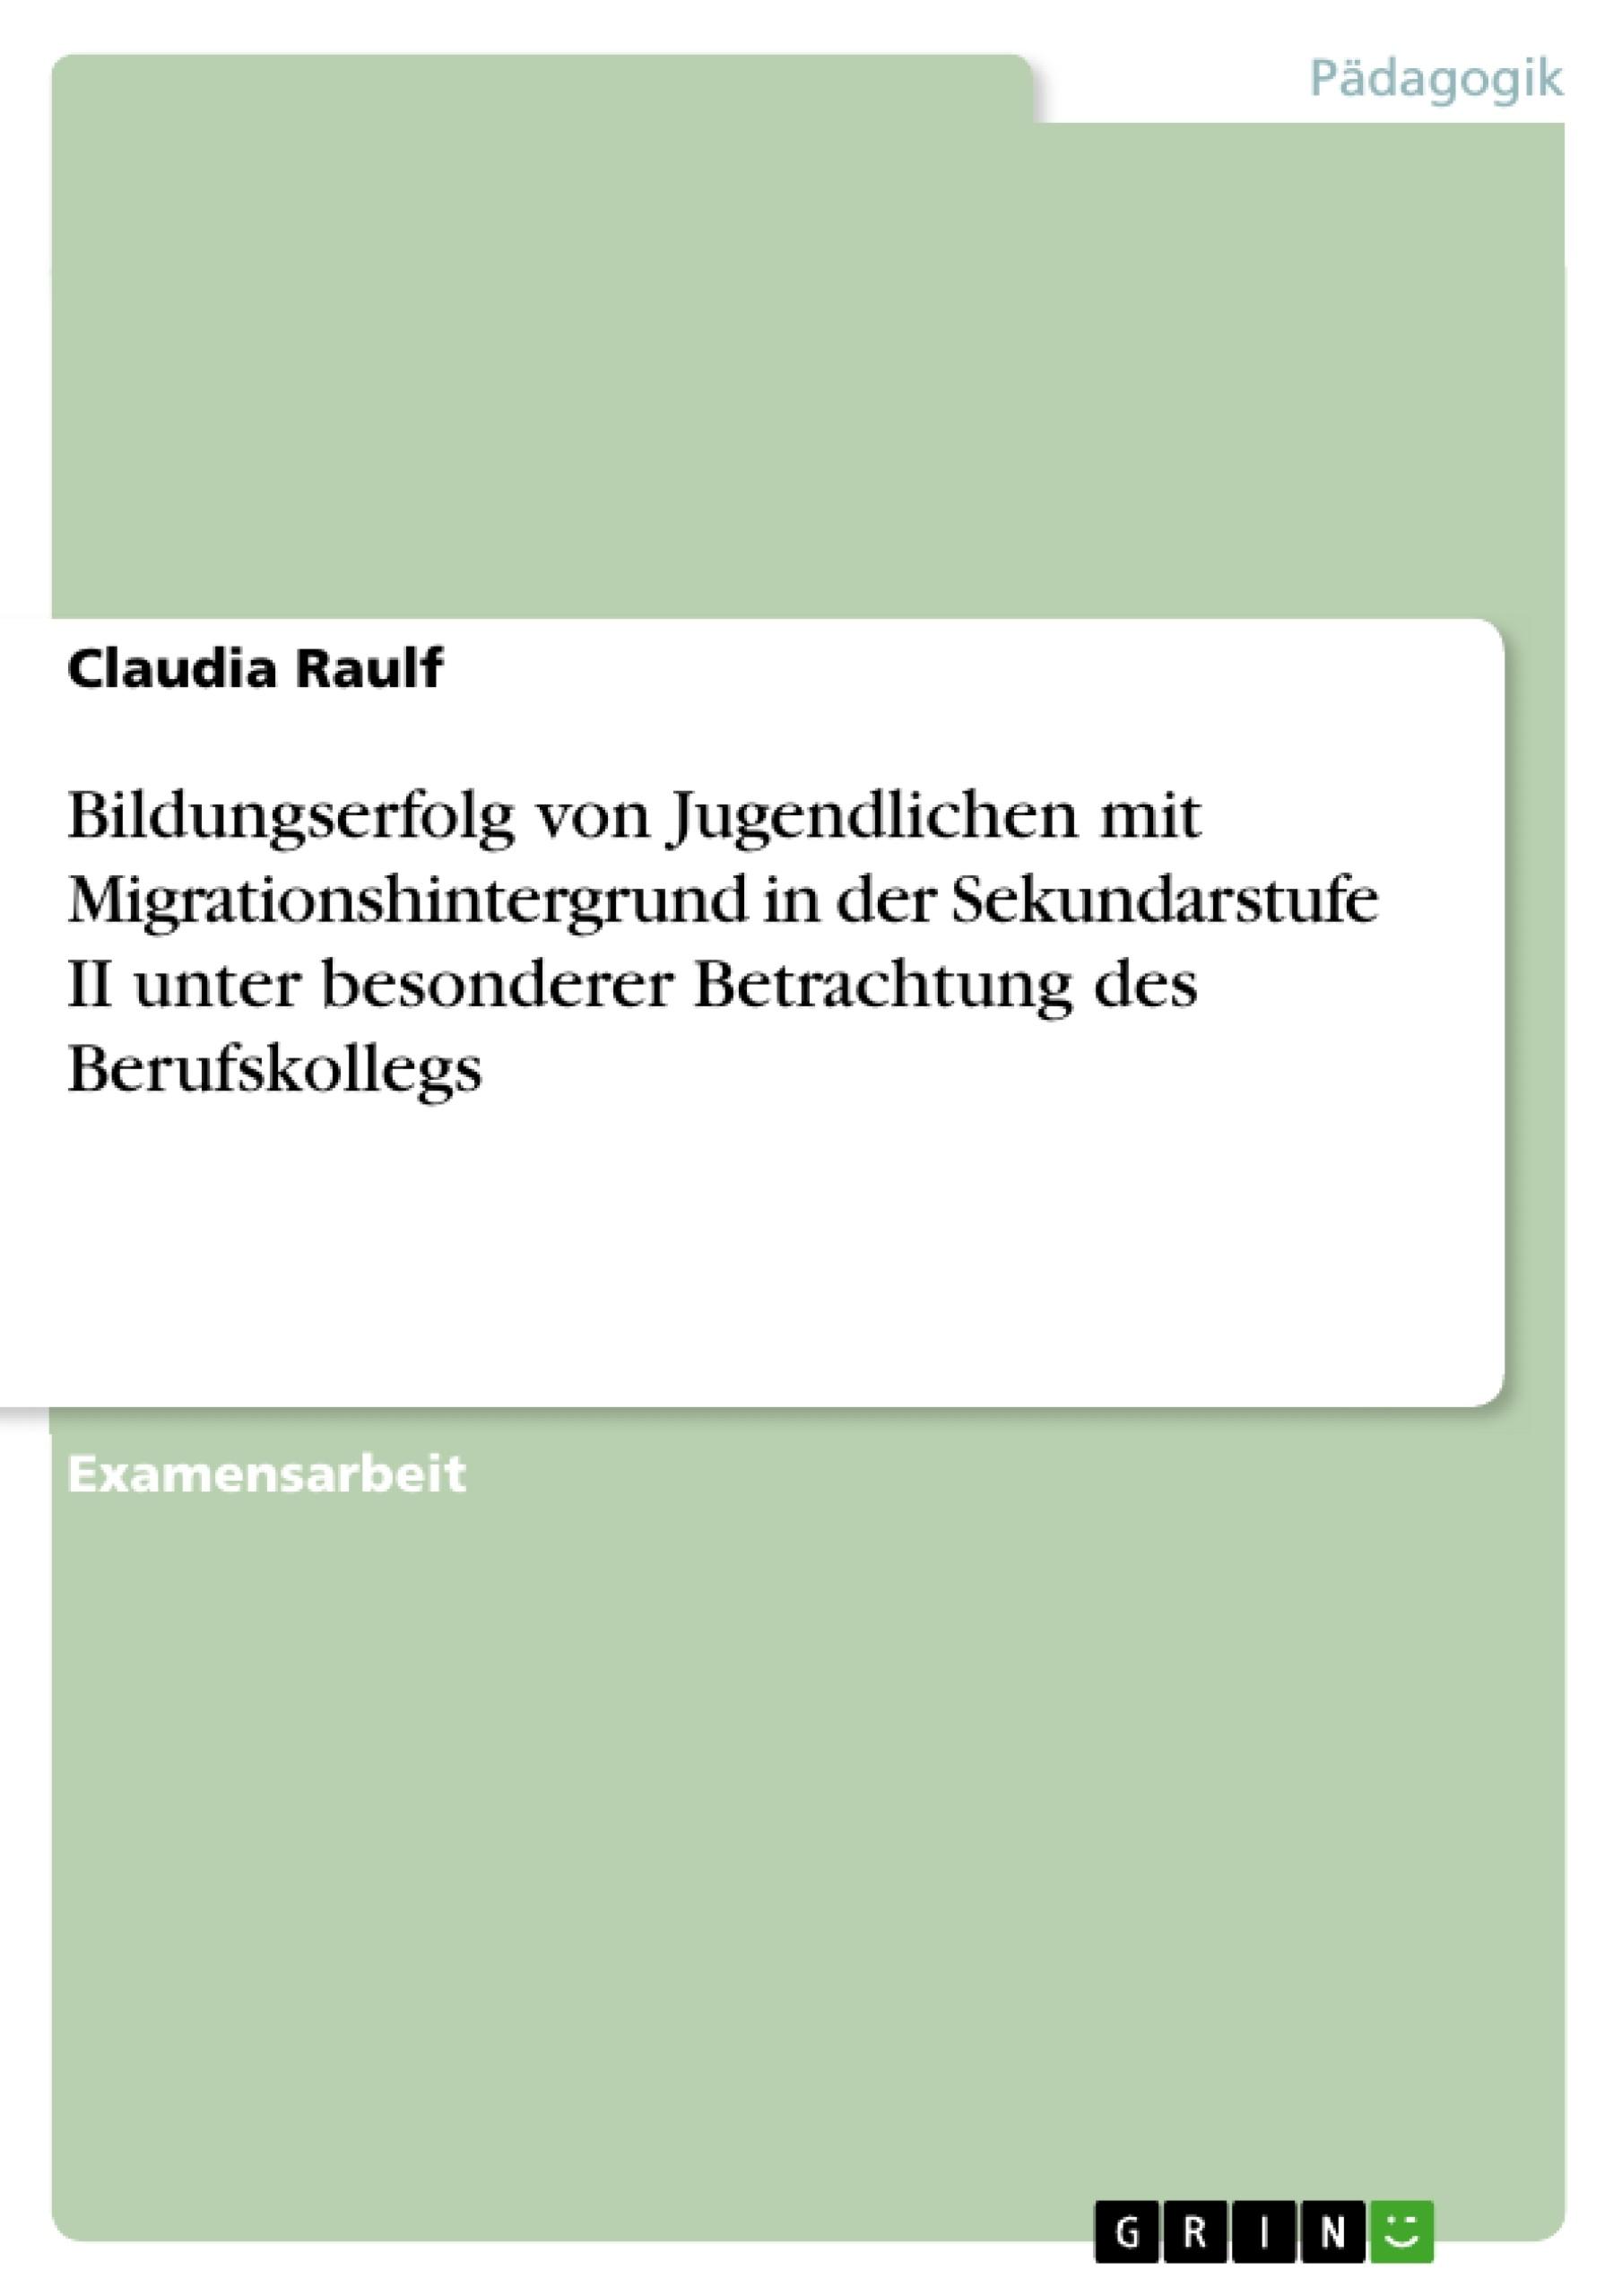 Titel: Bildungserfolg von Jugendlichen mit Migrationshintergrund in der Sekundarstufe II unter besonderer Betrachtung des Berufskollegs